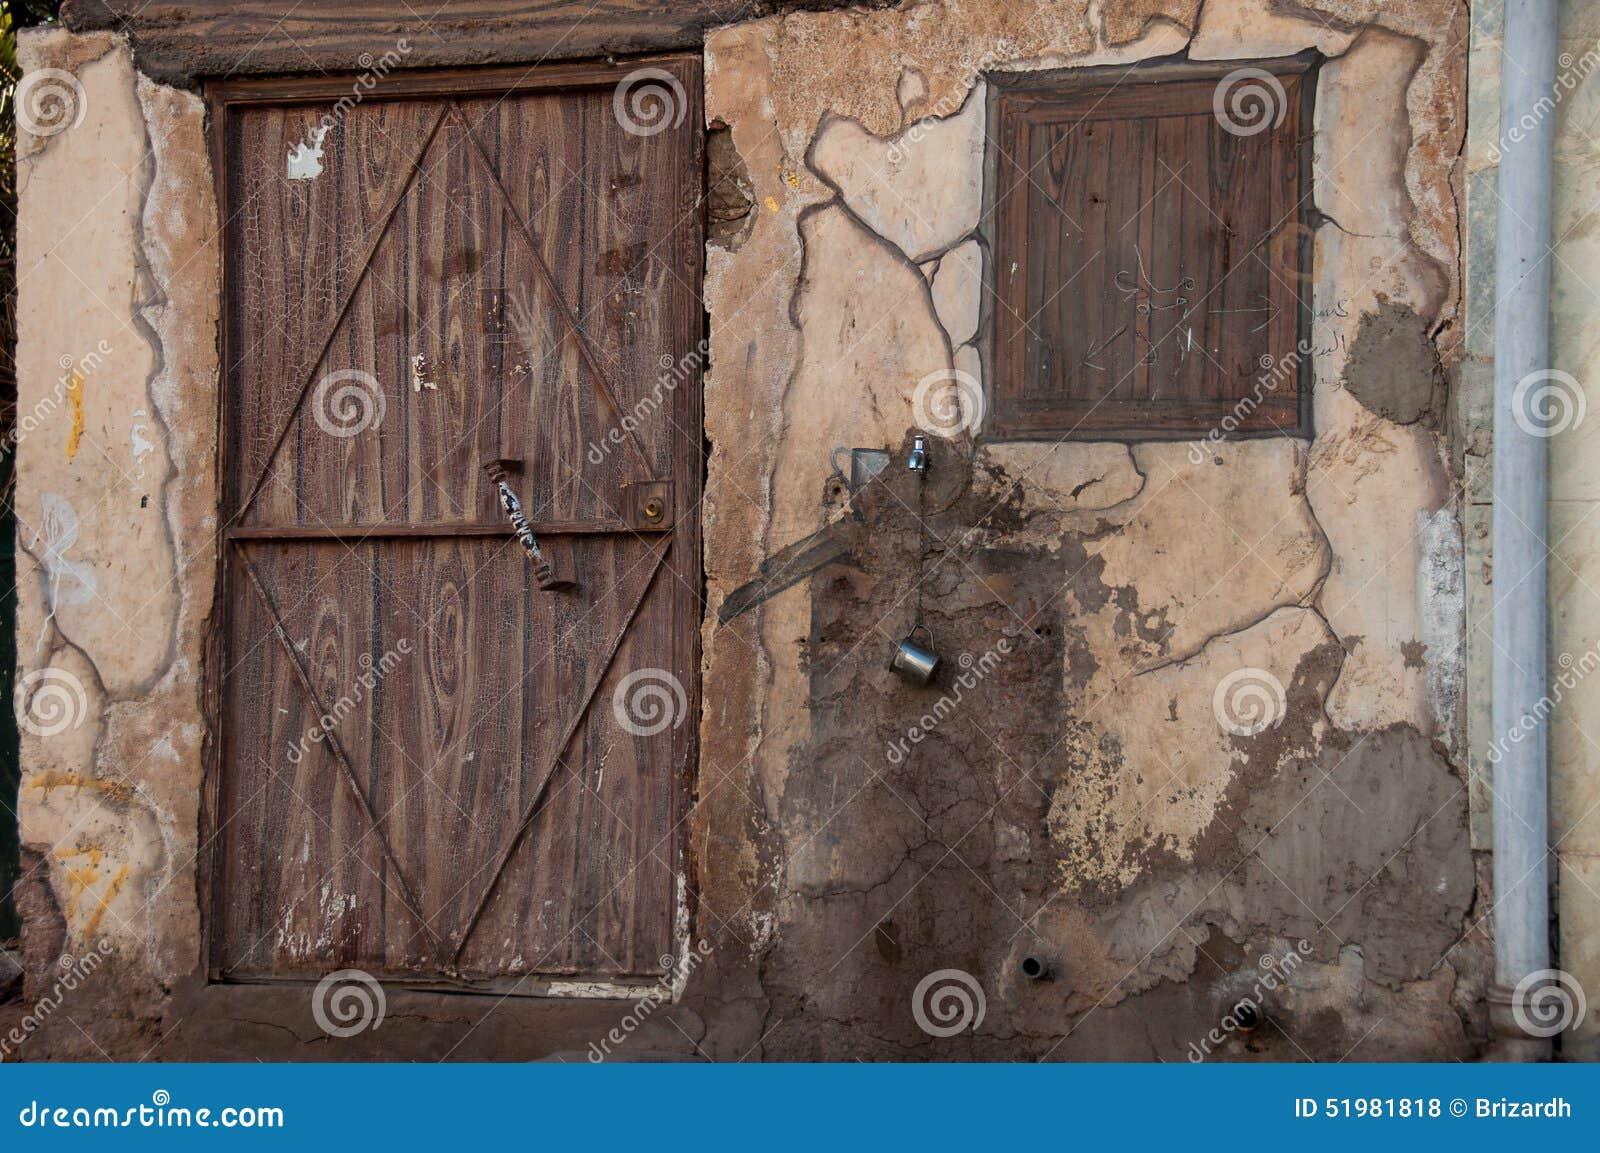 Vieille maison avec la porte en bois arabie saoudite - Vieille porte en bois ...